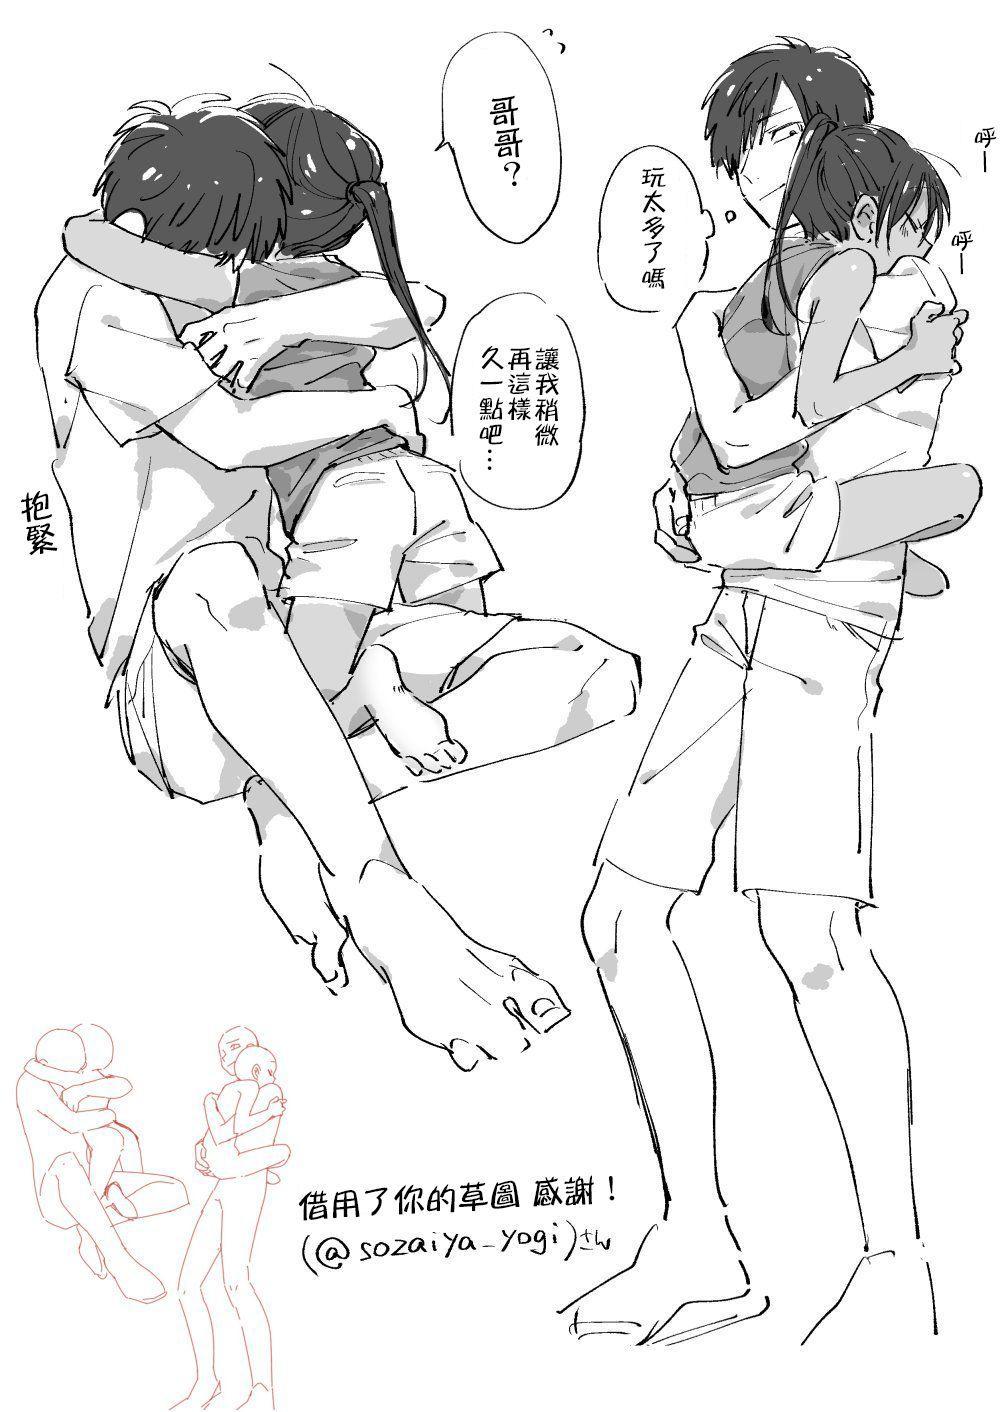 Inaka ni Kaeru to Yakeni Jiben ni Natsuita Kasshoku Ponytail Shota ga Iru 35